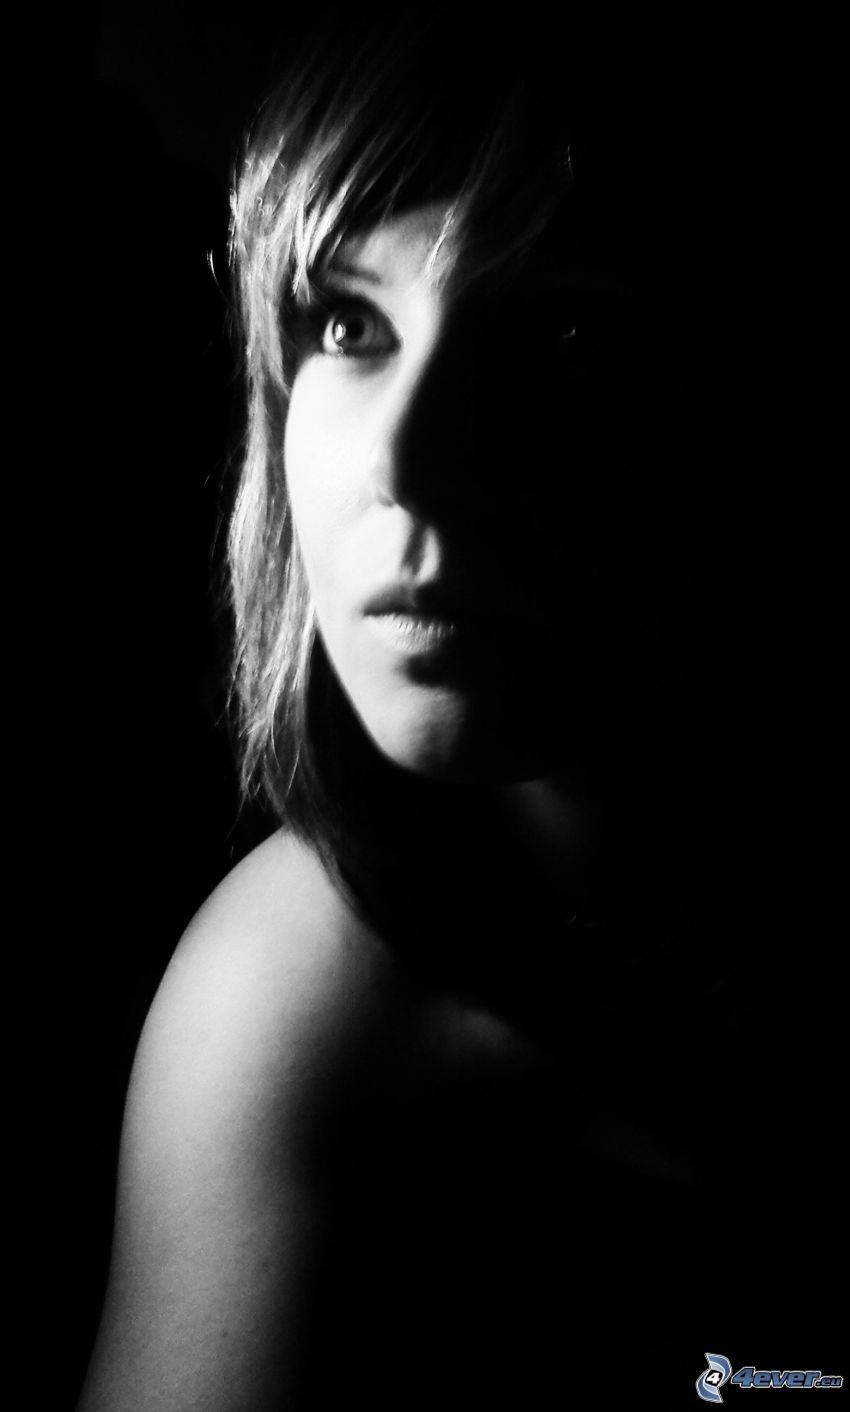 lány a sötétben, arc, sötétség